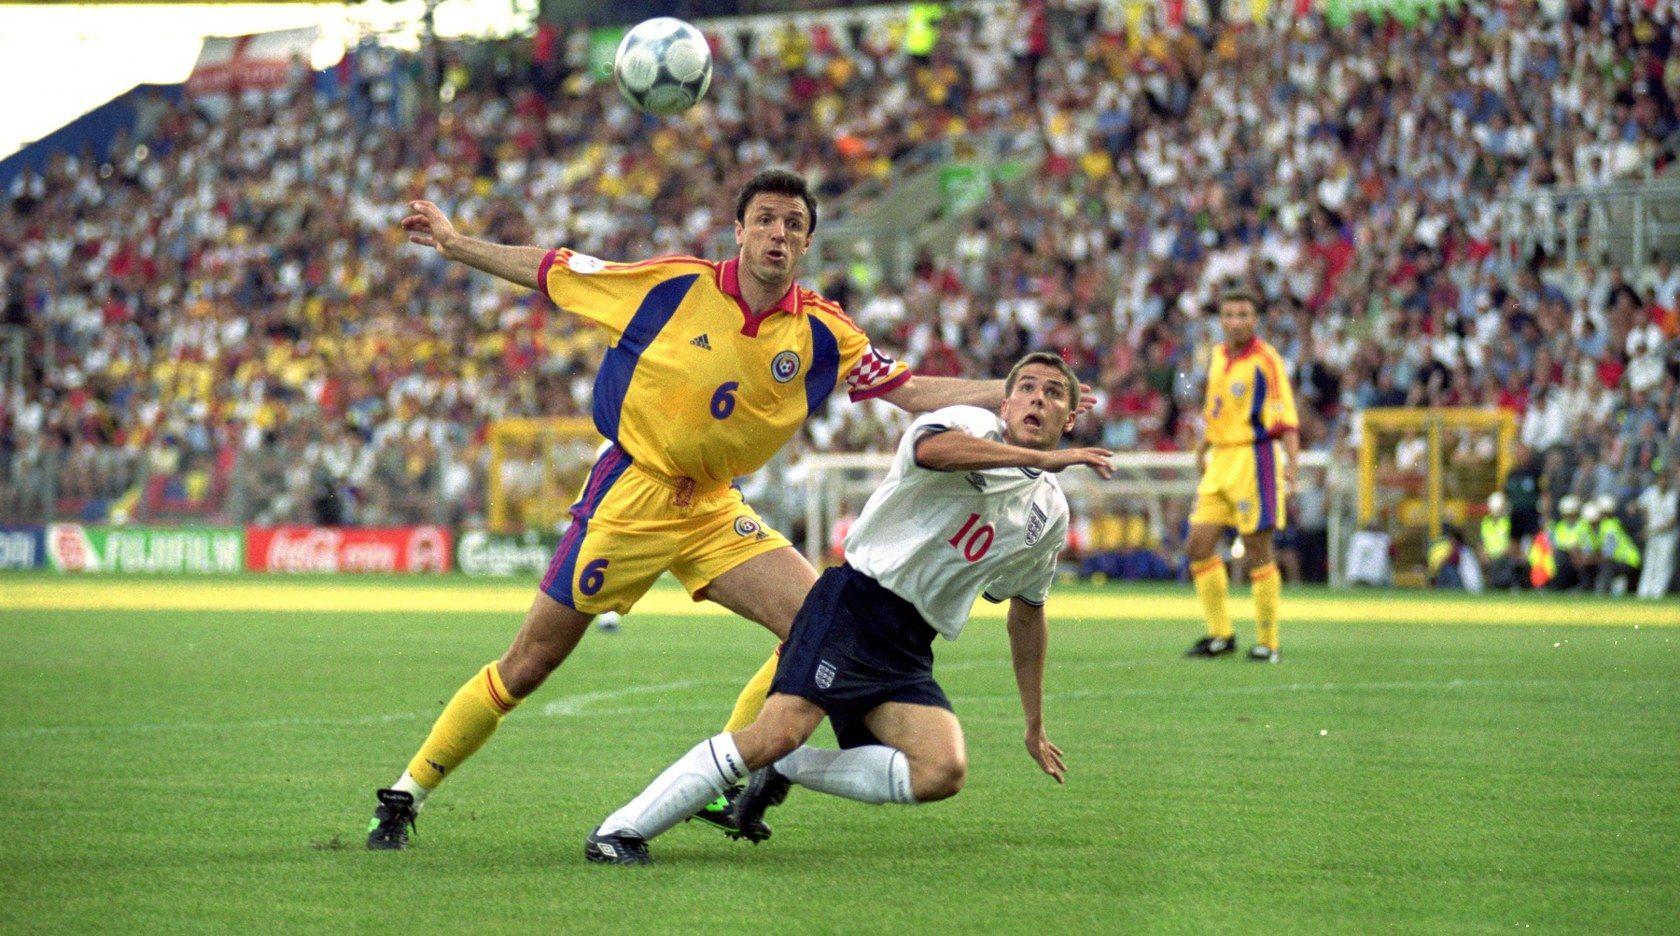 Георге Попеску - румънската легенда започна чуждестранната си кариера в ПСВ в началото на 90-те години на миналия век по искане на Сър Боби Робсън. Добрите му игри му донесоха трансфер в Тотнъм, а в последствие и такъв в Барселона срещу 3 милиона британски лири. Стана капитан на каталуните и спомогна за спечелването на Купата на Краля, а в последствие и за КНК във втория му сезон.